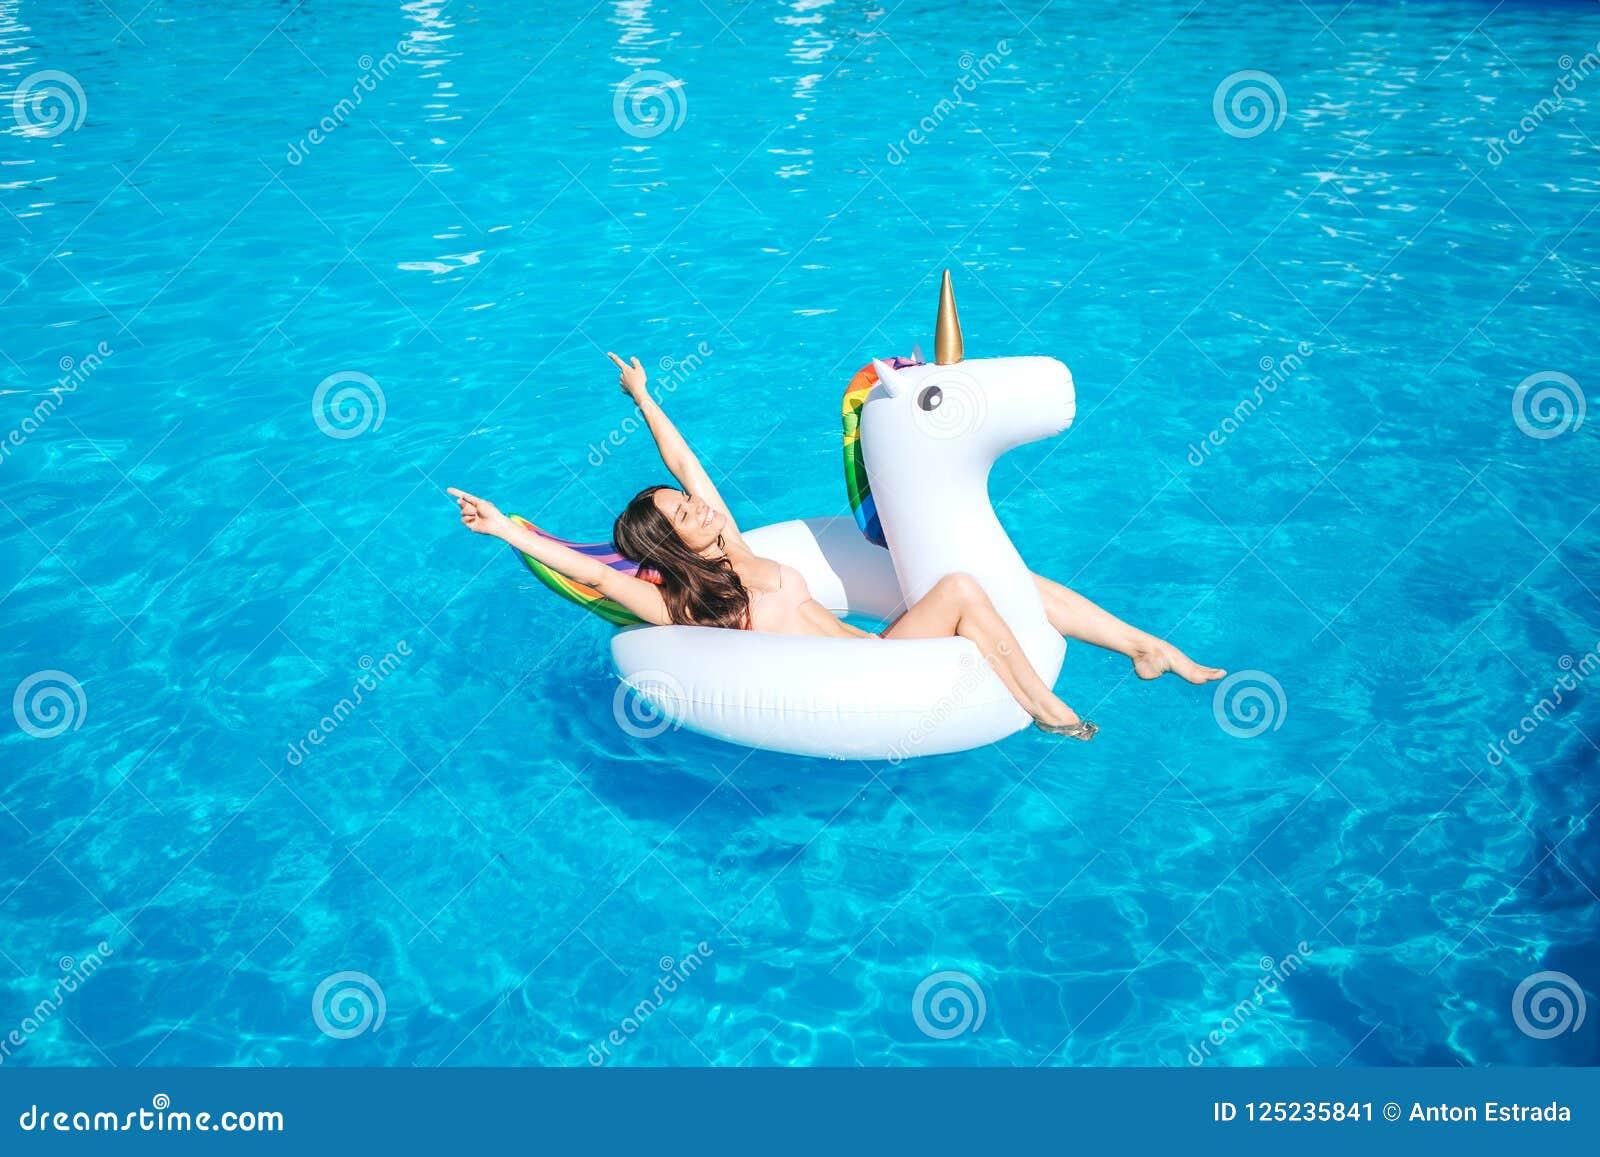 Изображение заплывания девушки в бассейне самостоятельно Она лежит на тюфяке воздуха и представляет Отдыхать os девушки Она имеет